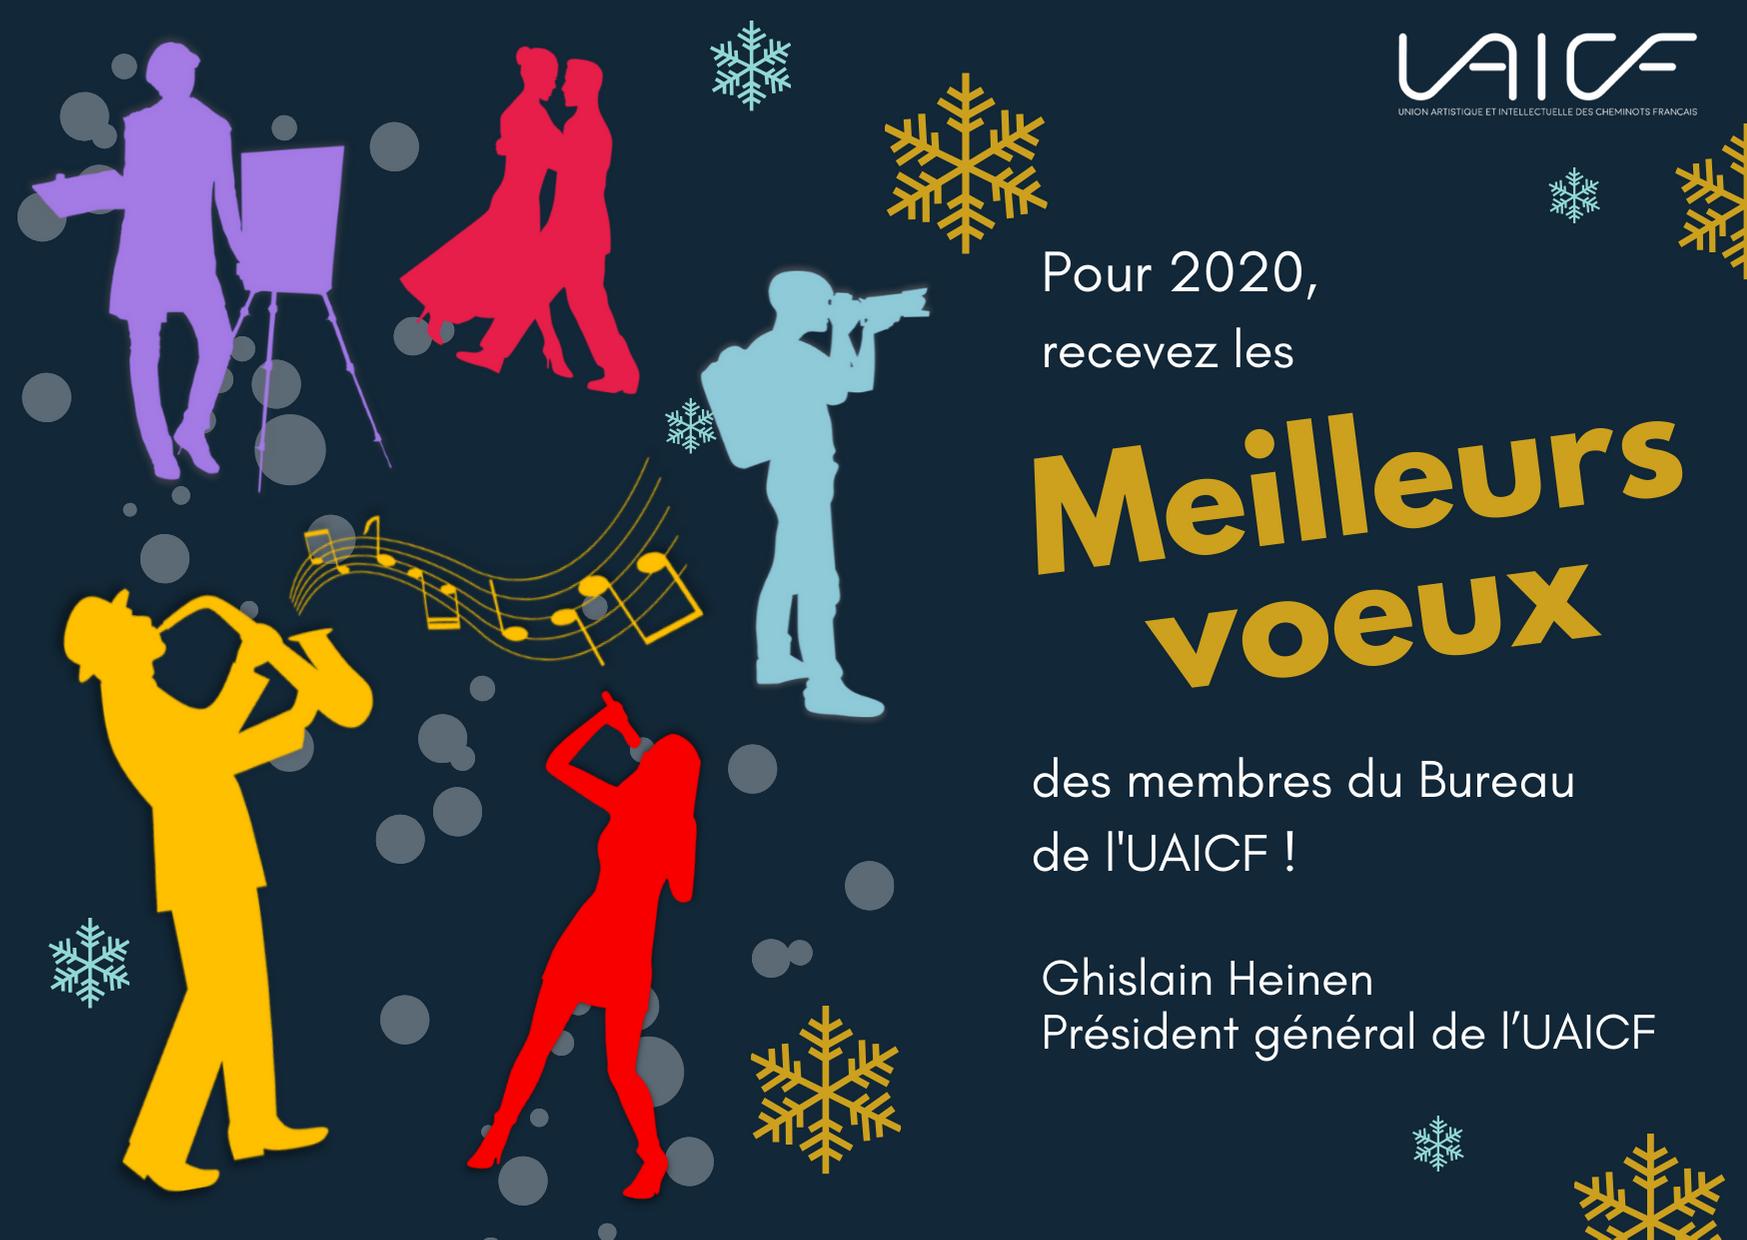 bonnes fêtes de fin d'année et meilleurs voeux 2020 !